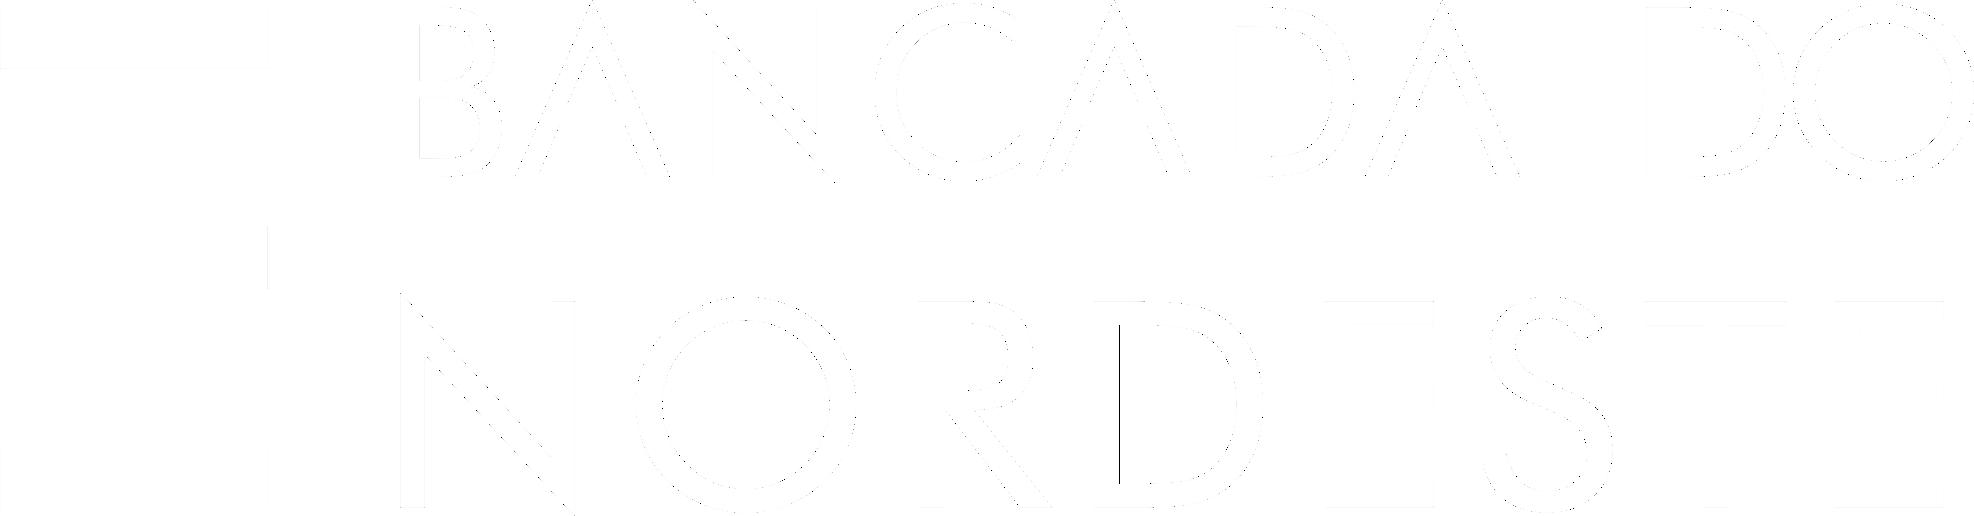 Bancada do Nordeste